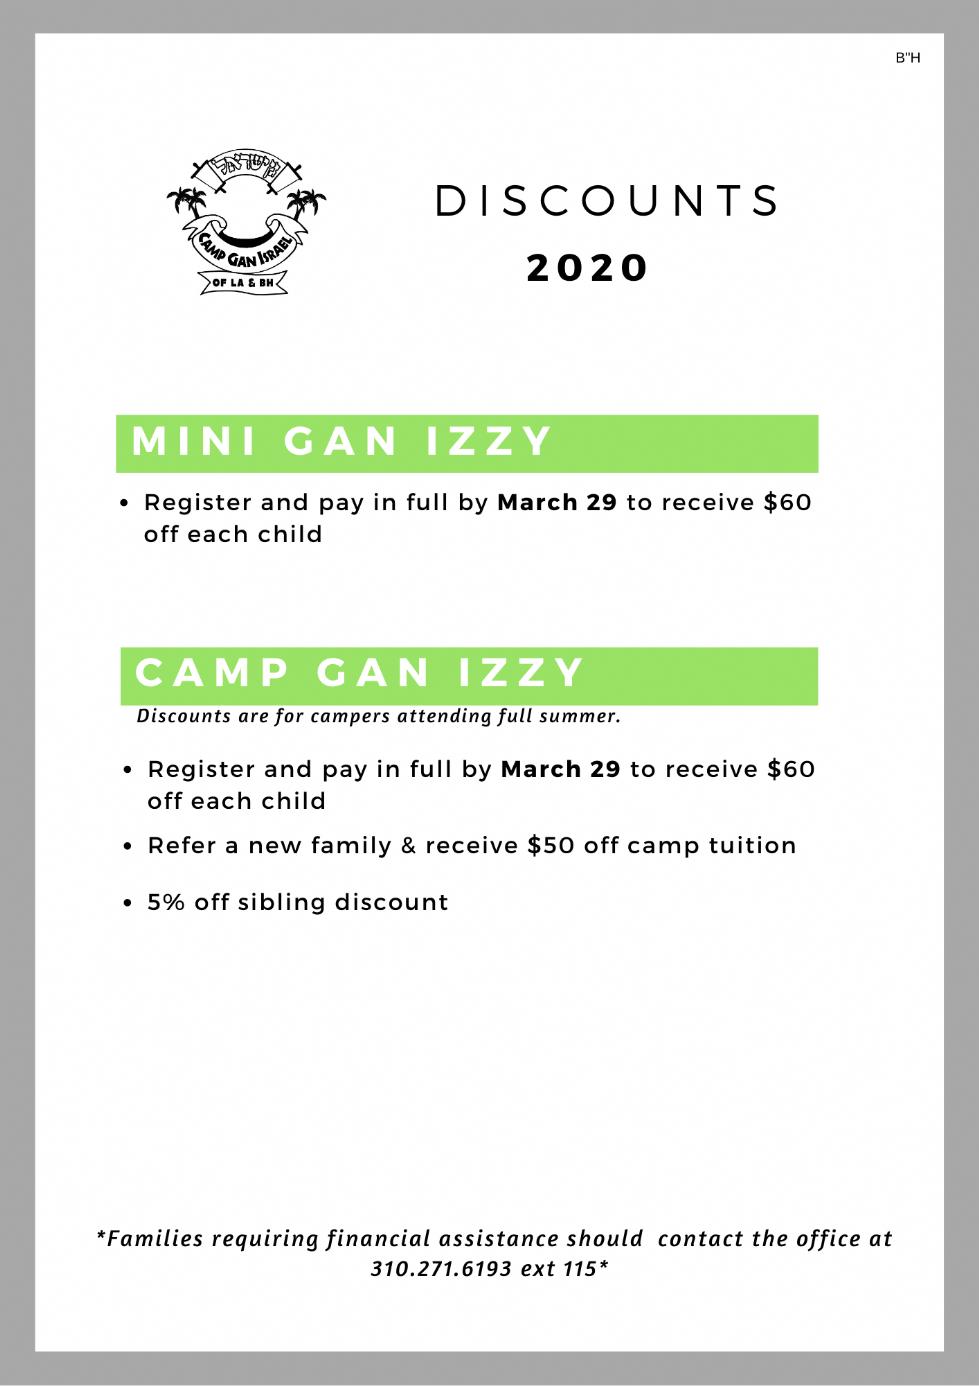 2020 Discounts.png